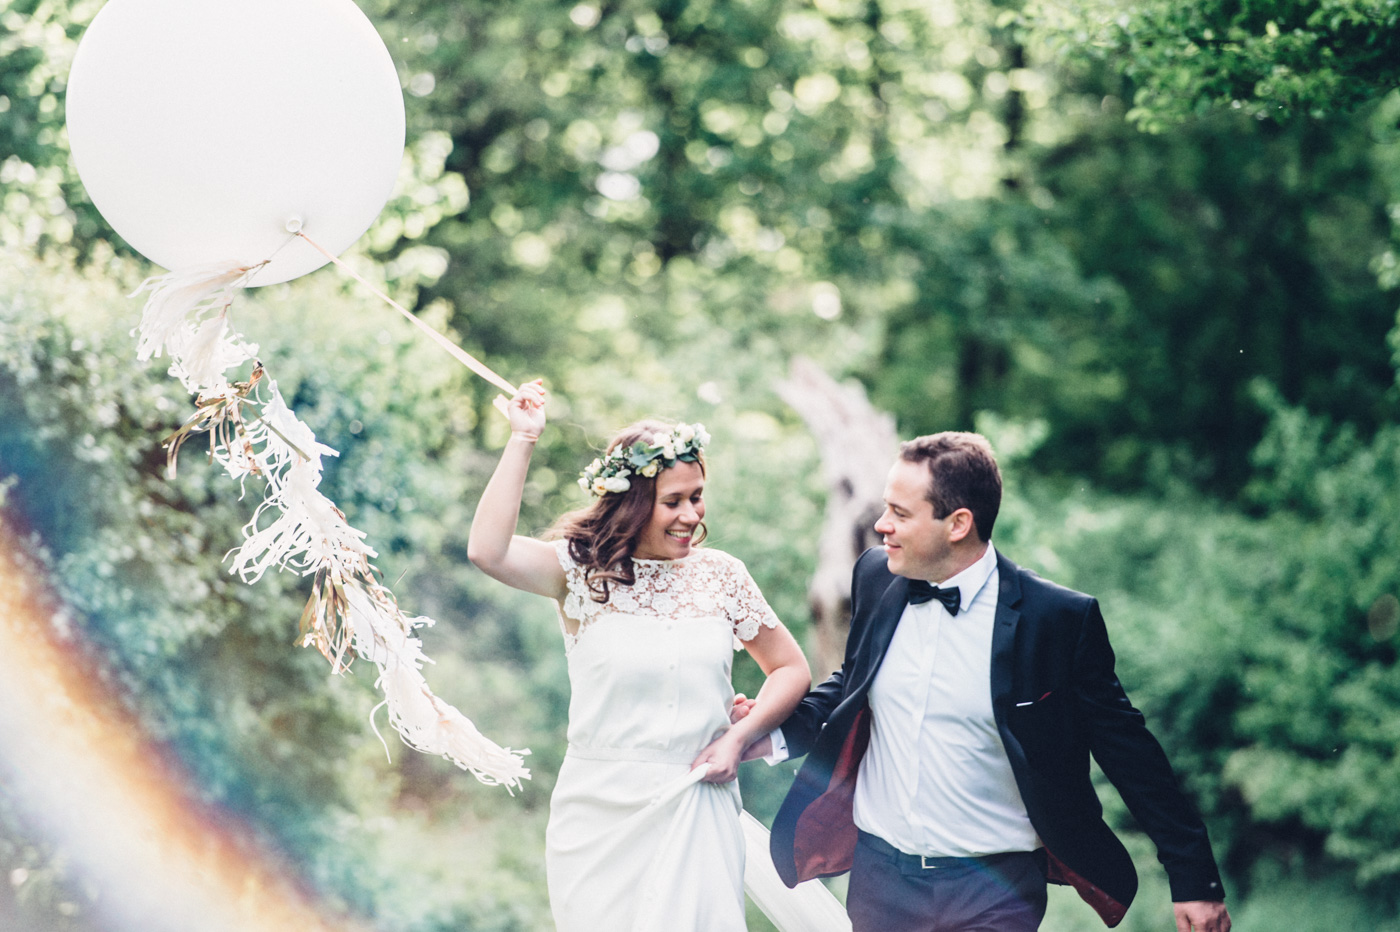 diy-wedding-nothenhof--120